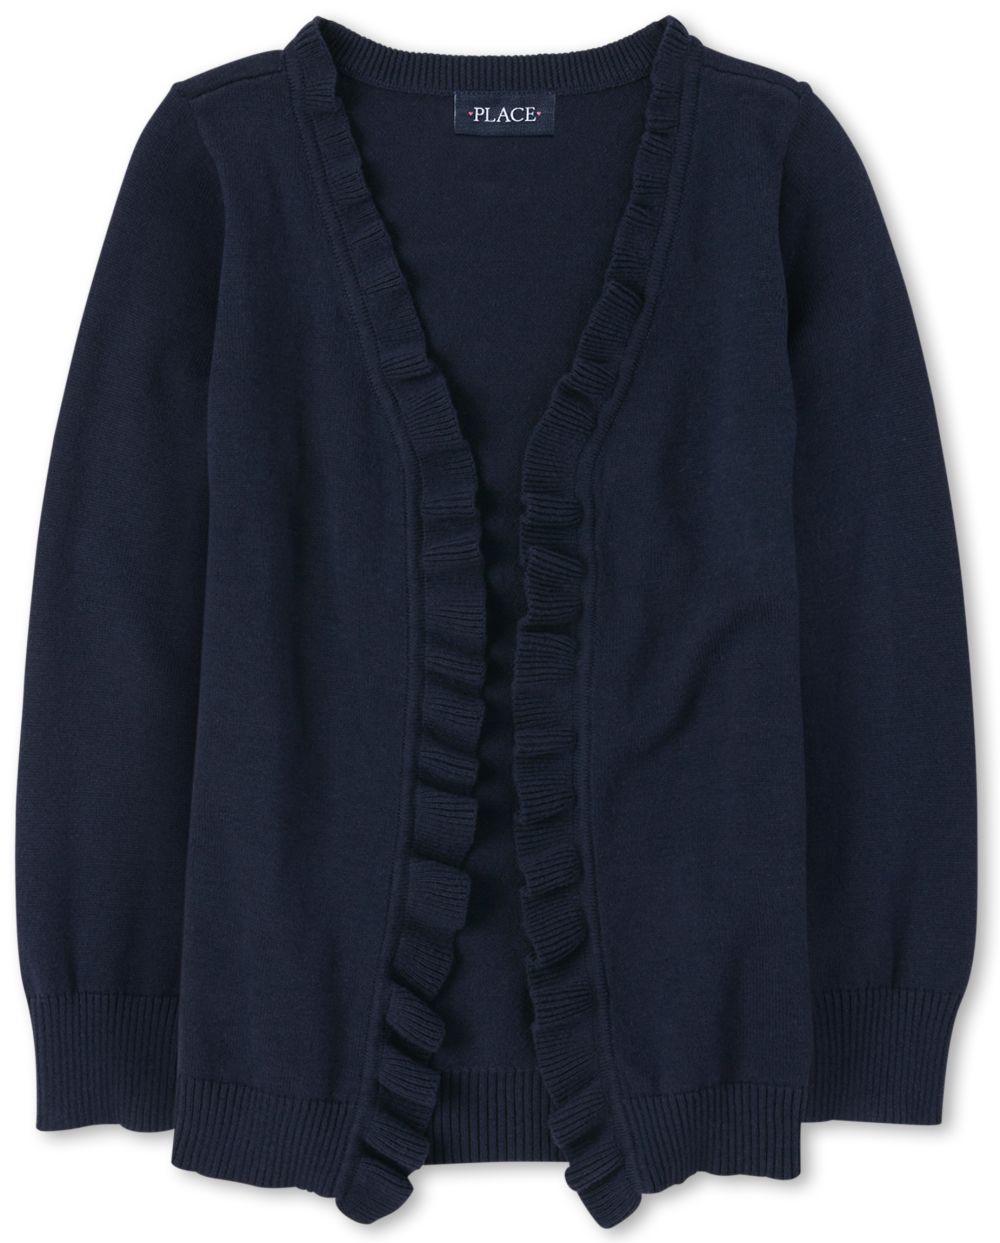 Girls Uniform Ruffle Open Front Cardigan